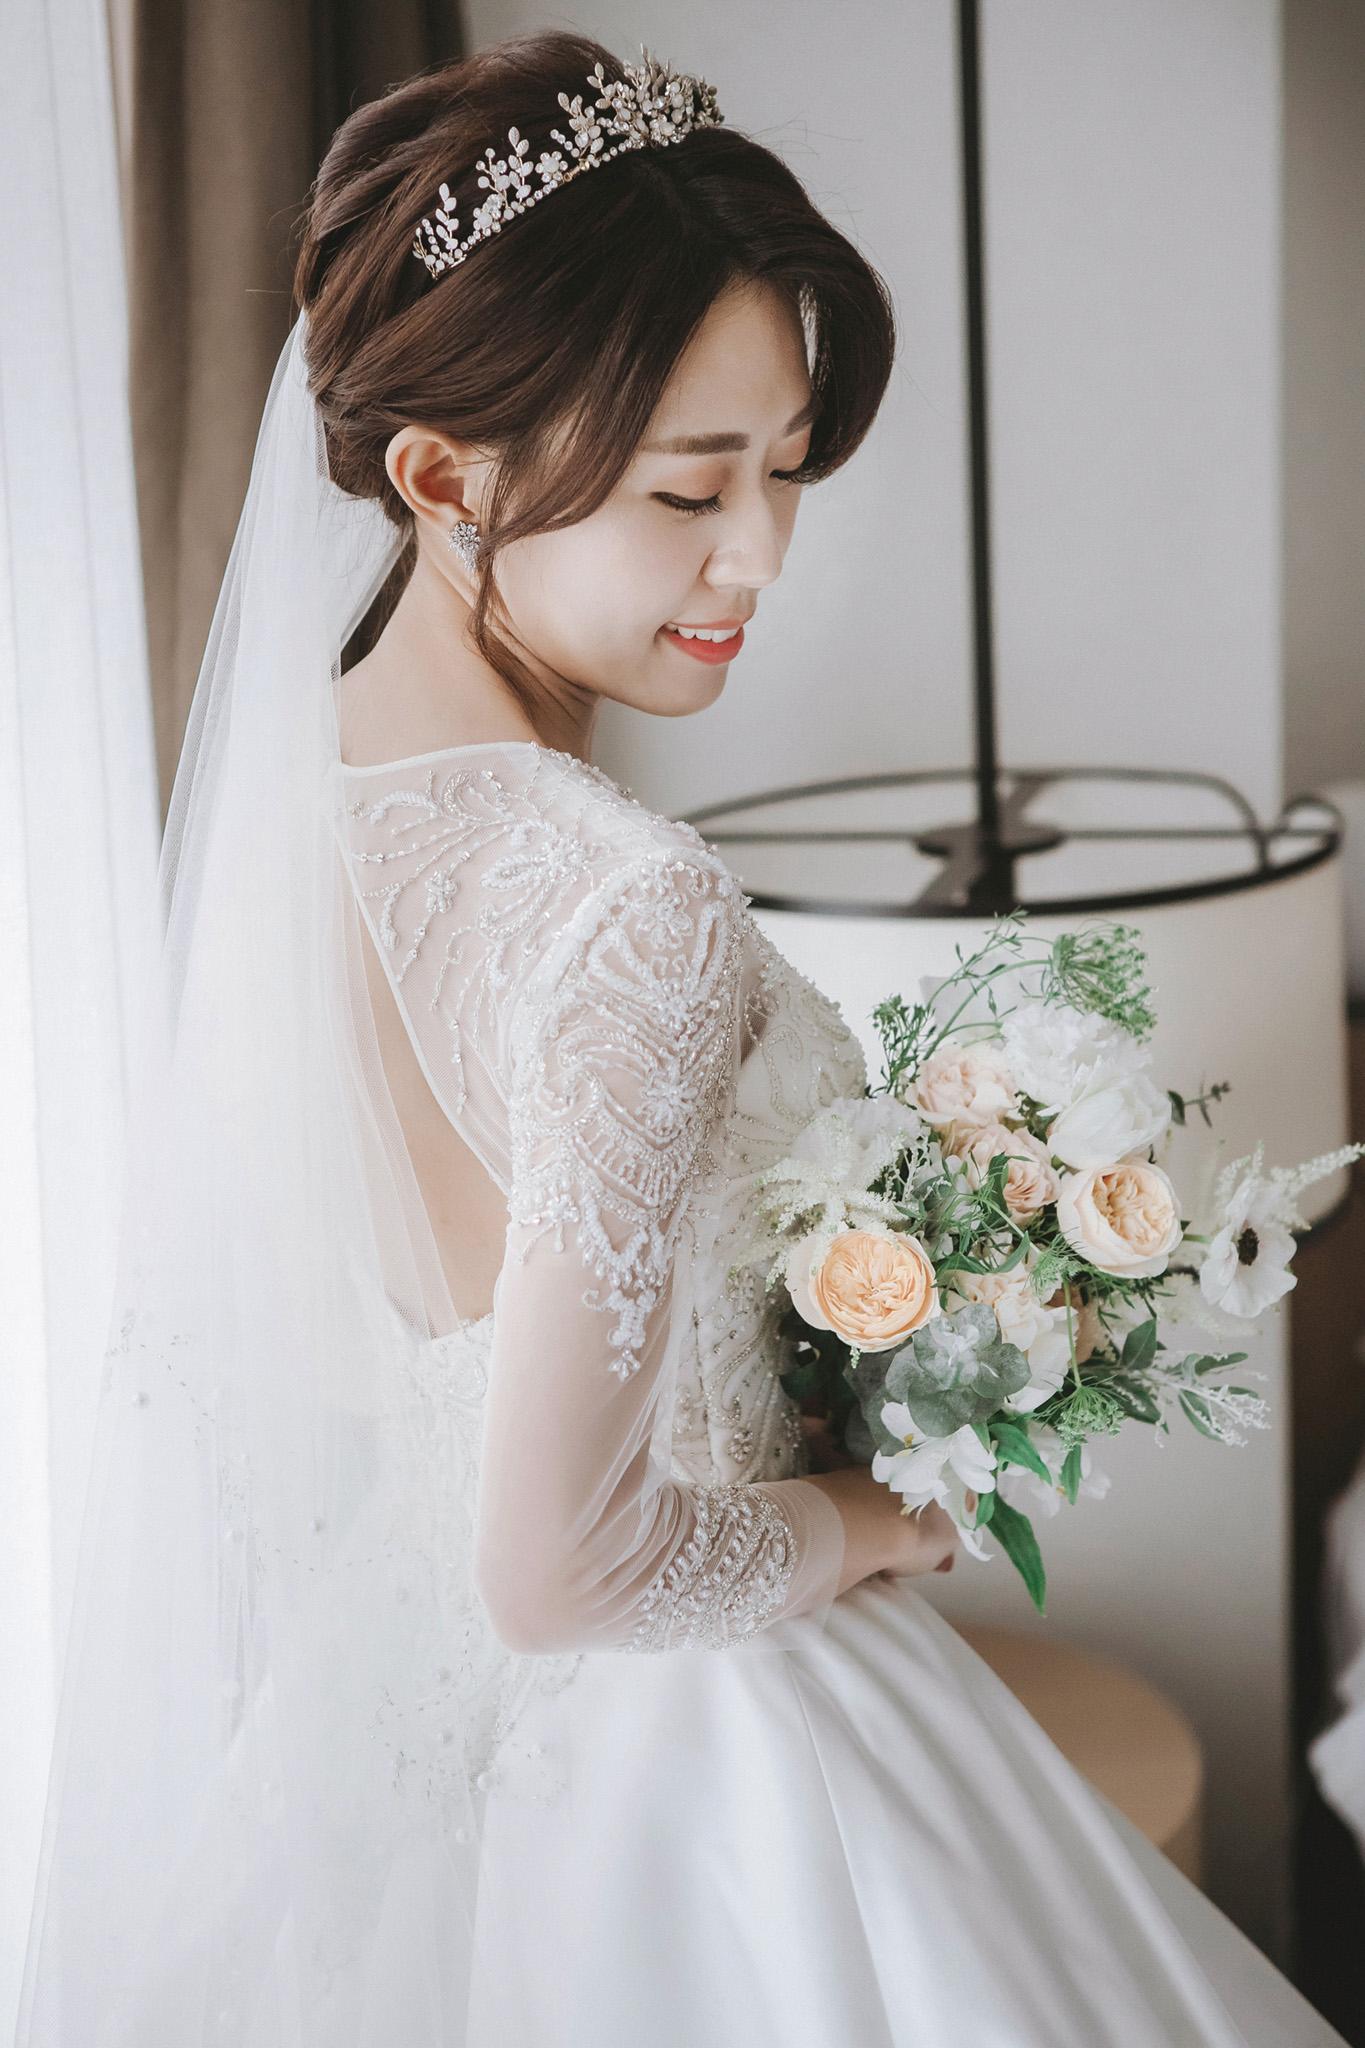 EW 居米 台北婚宴 台北婚紗 台北婚攝 凱達飯店 台北婚禮 -2